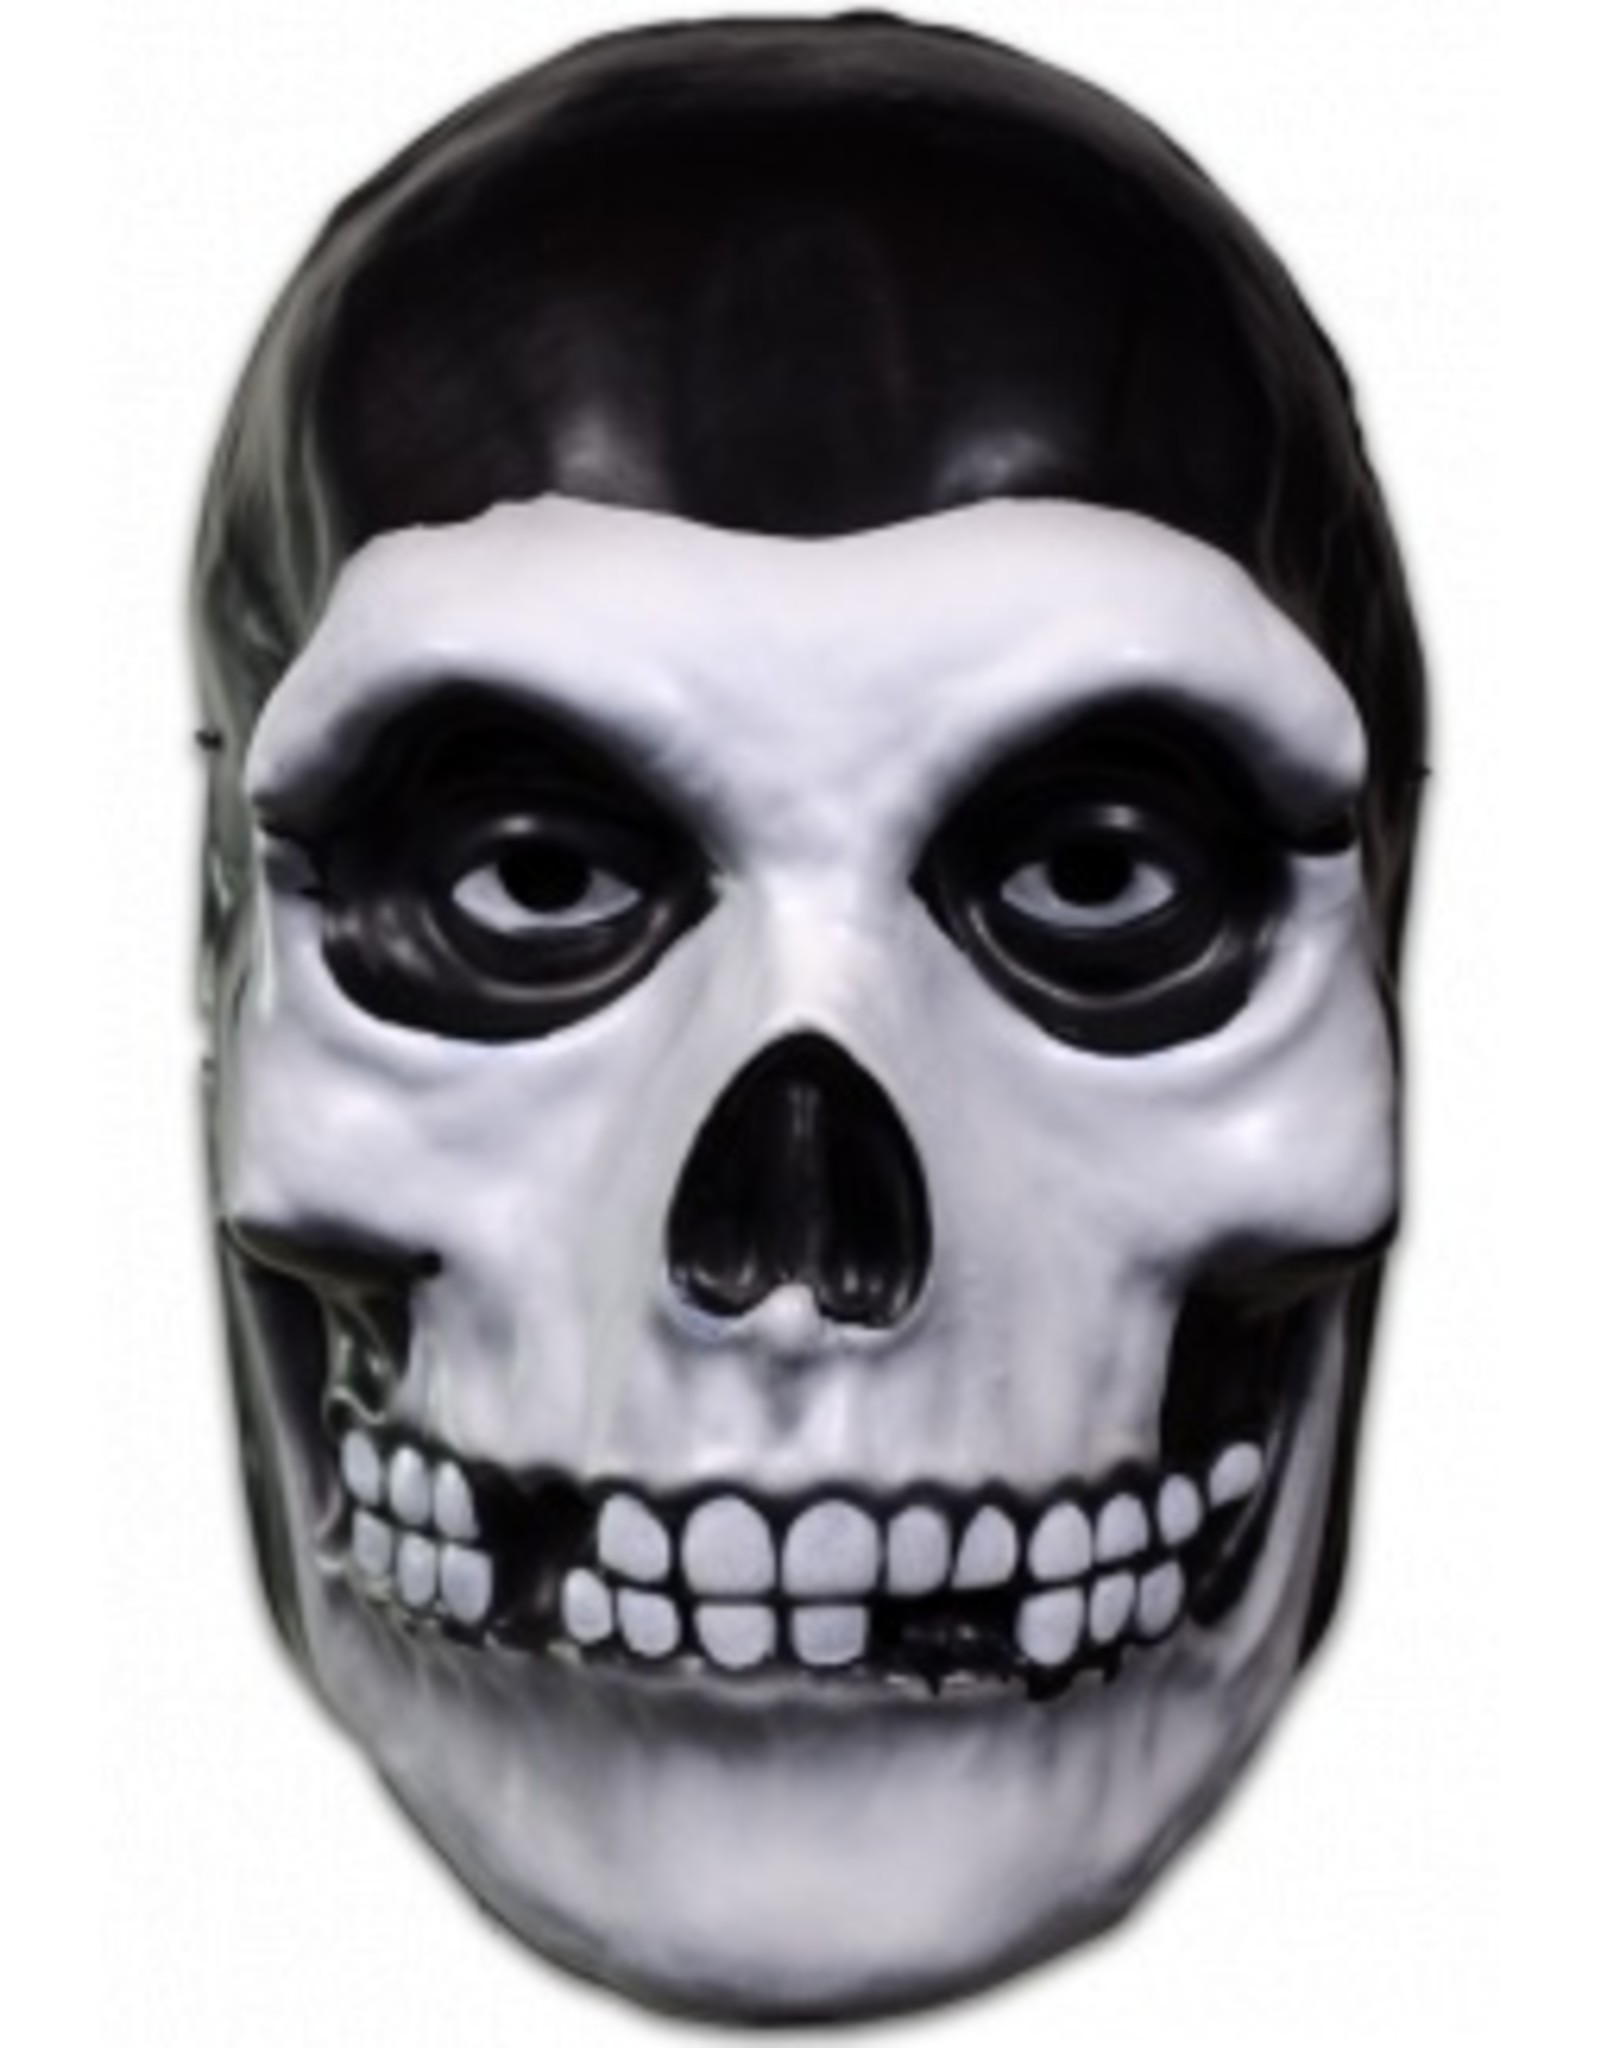 Trick or Treat Studios Misfits Vacuform Mask